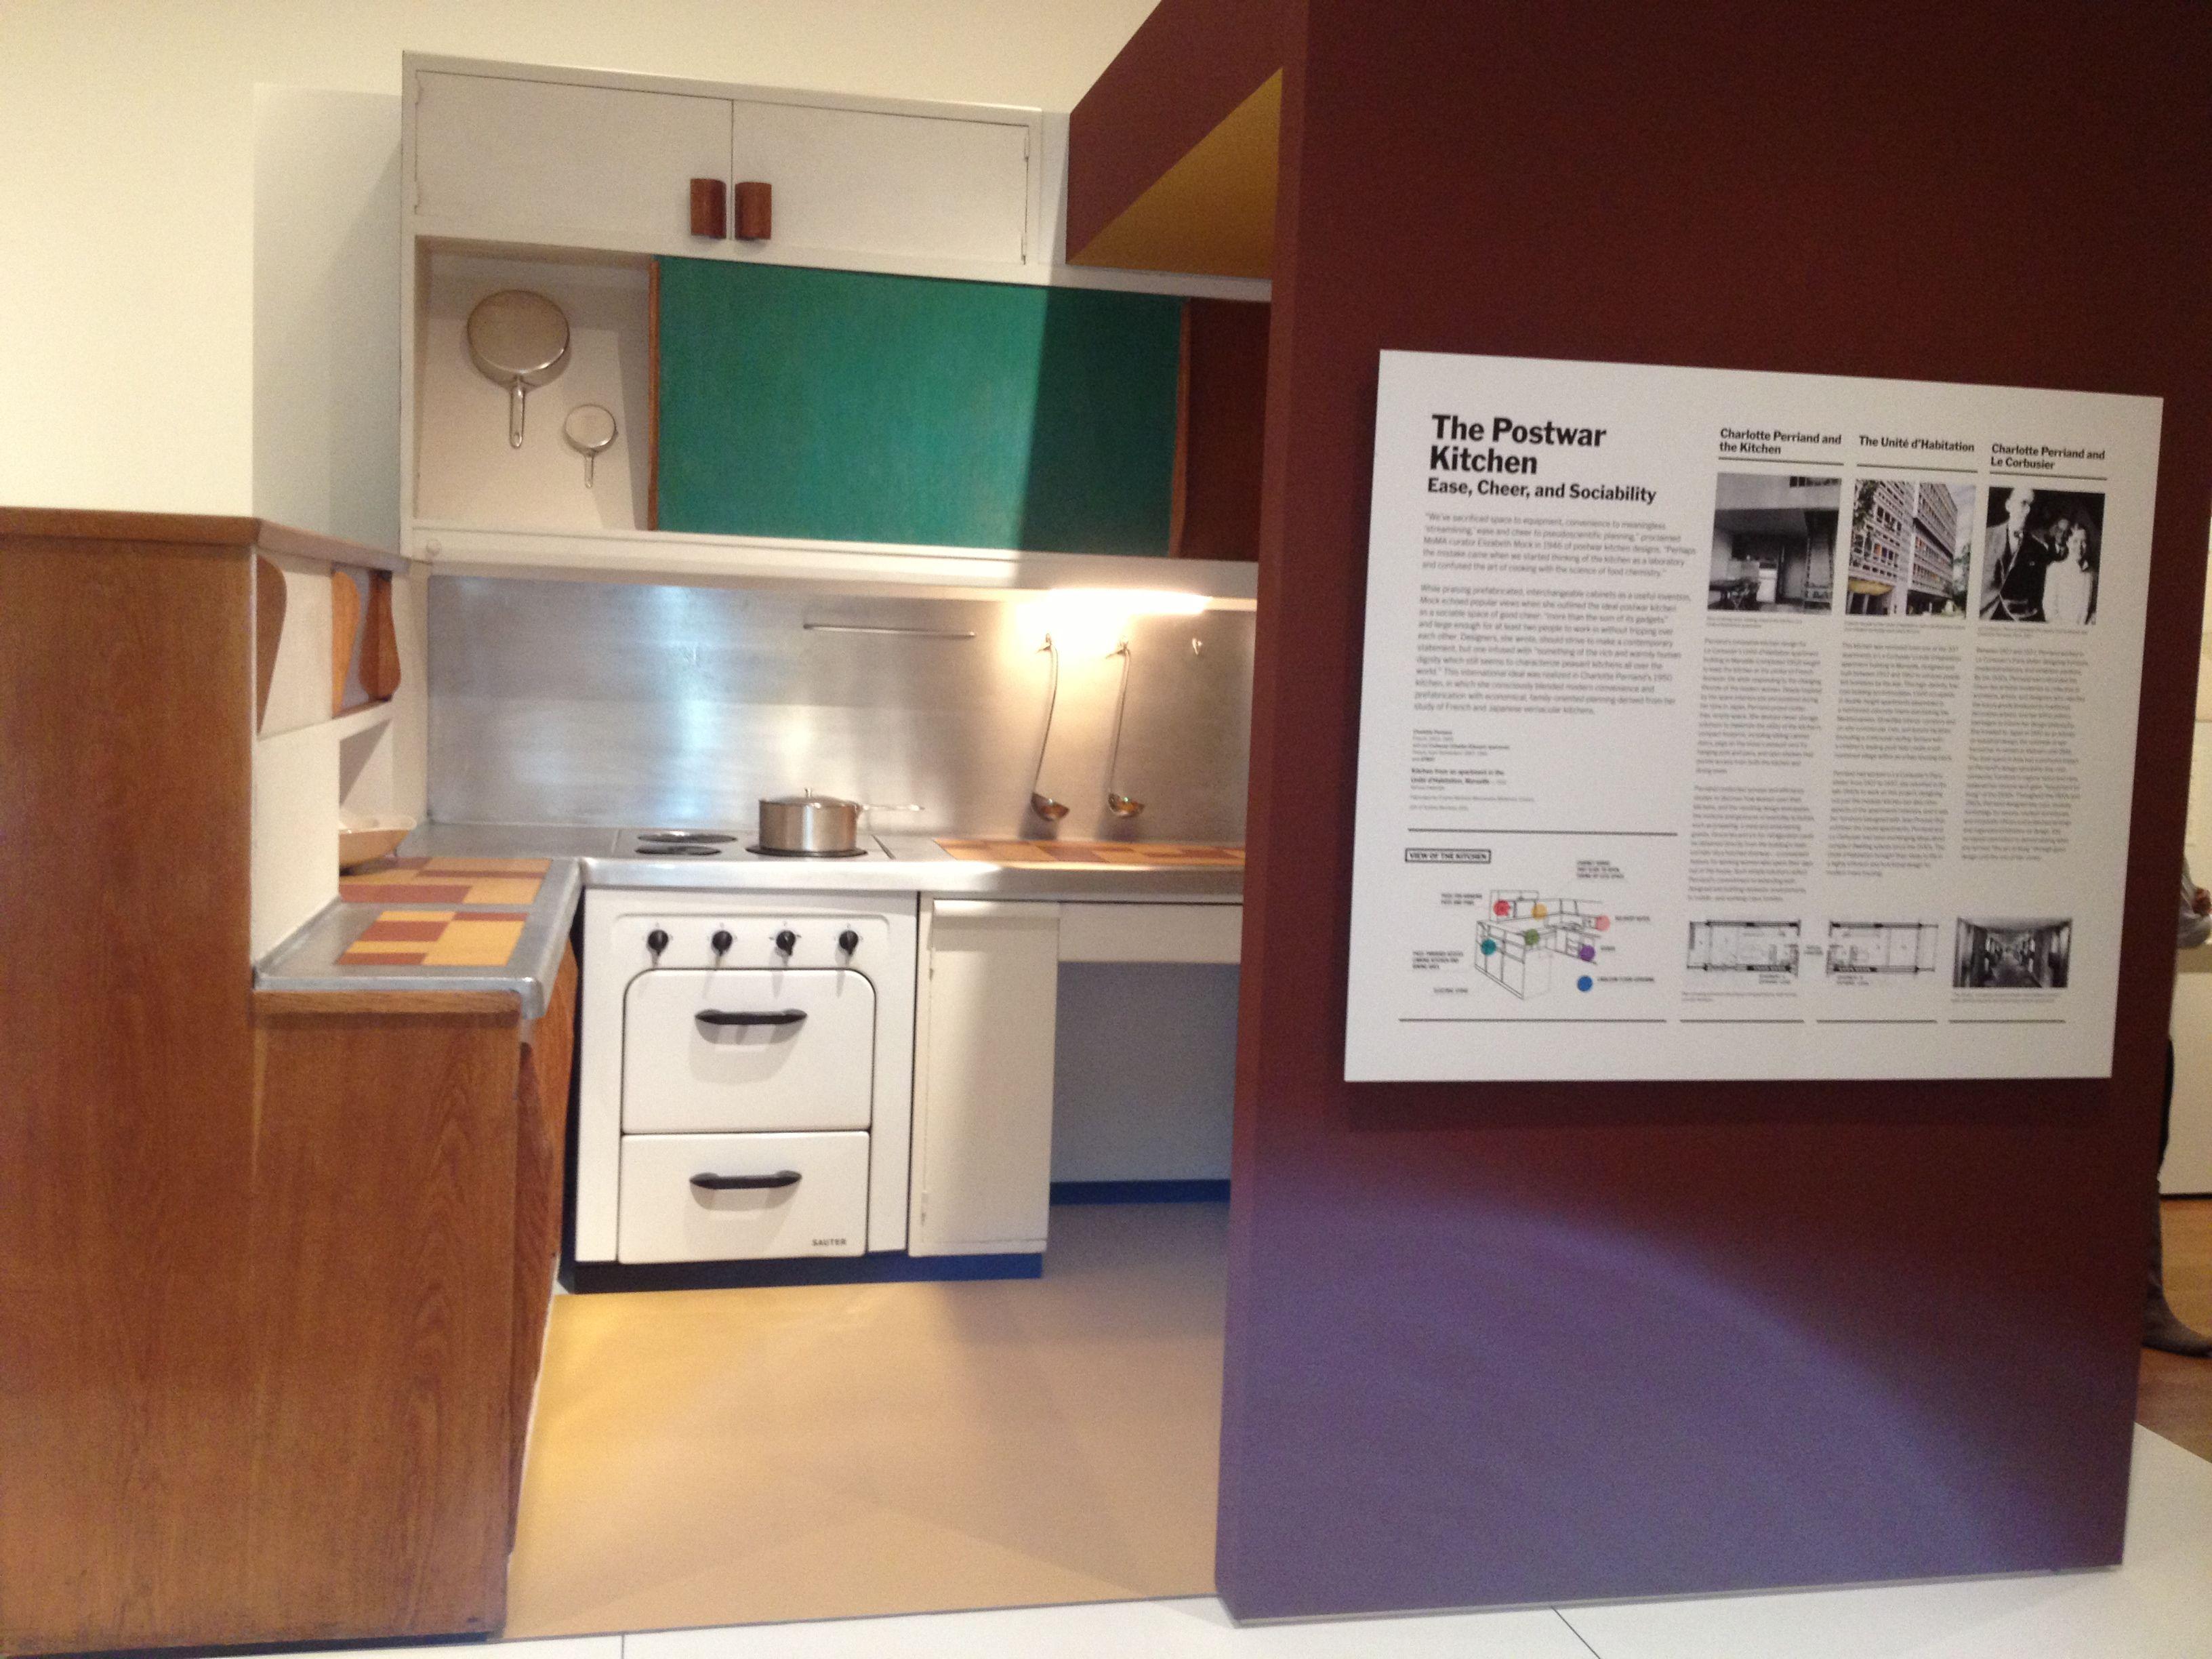 cocina de la unidad habitacional de Marsella - designed in 1947 by ...